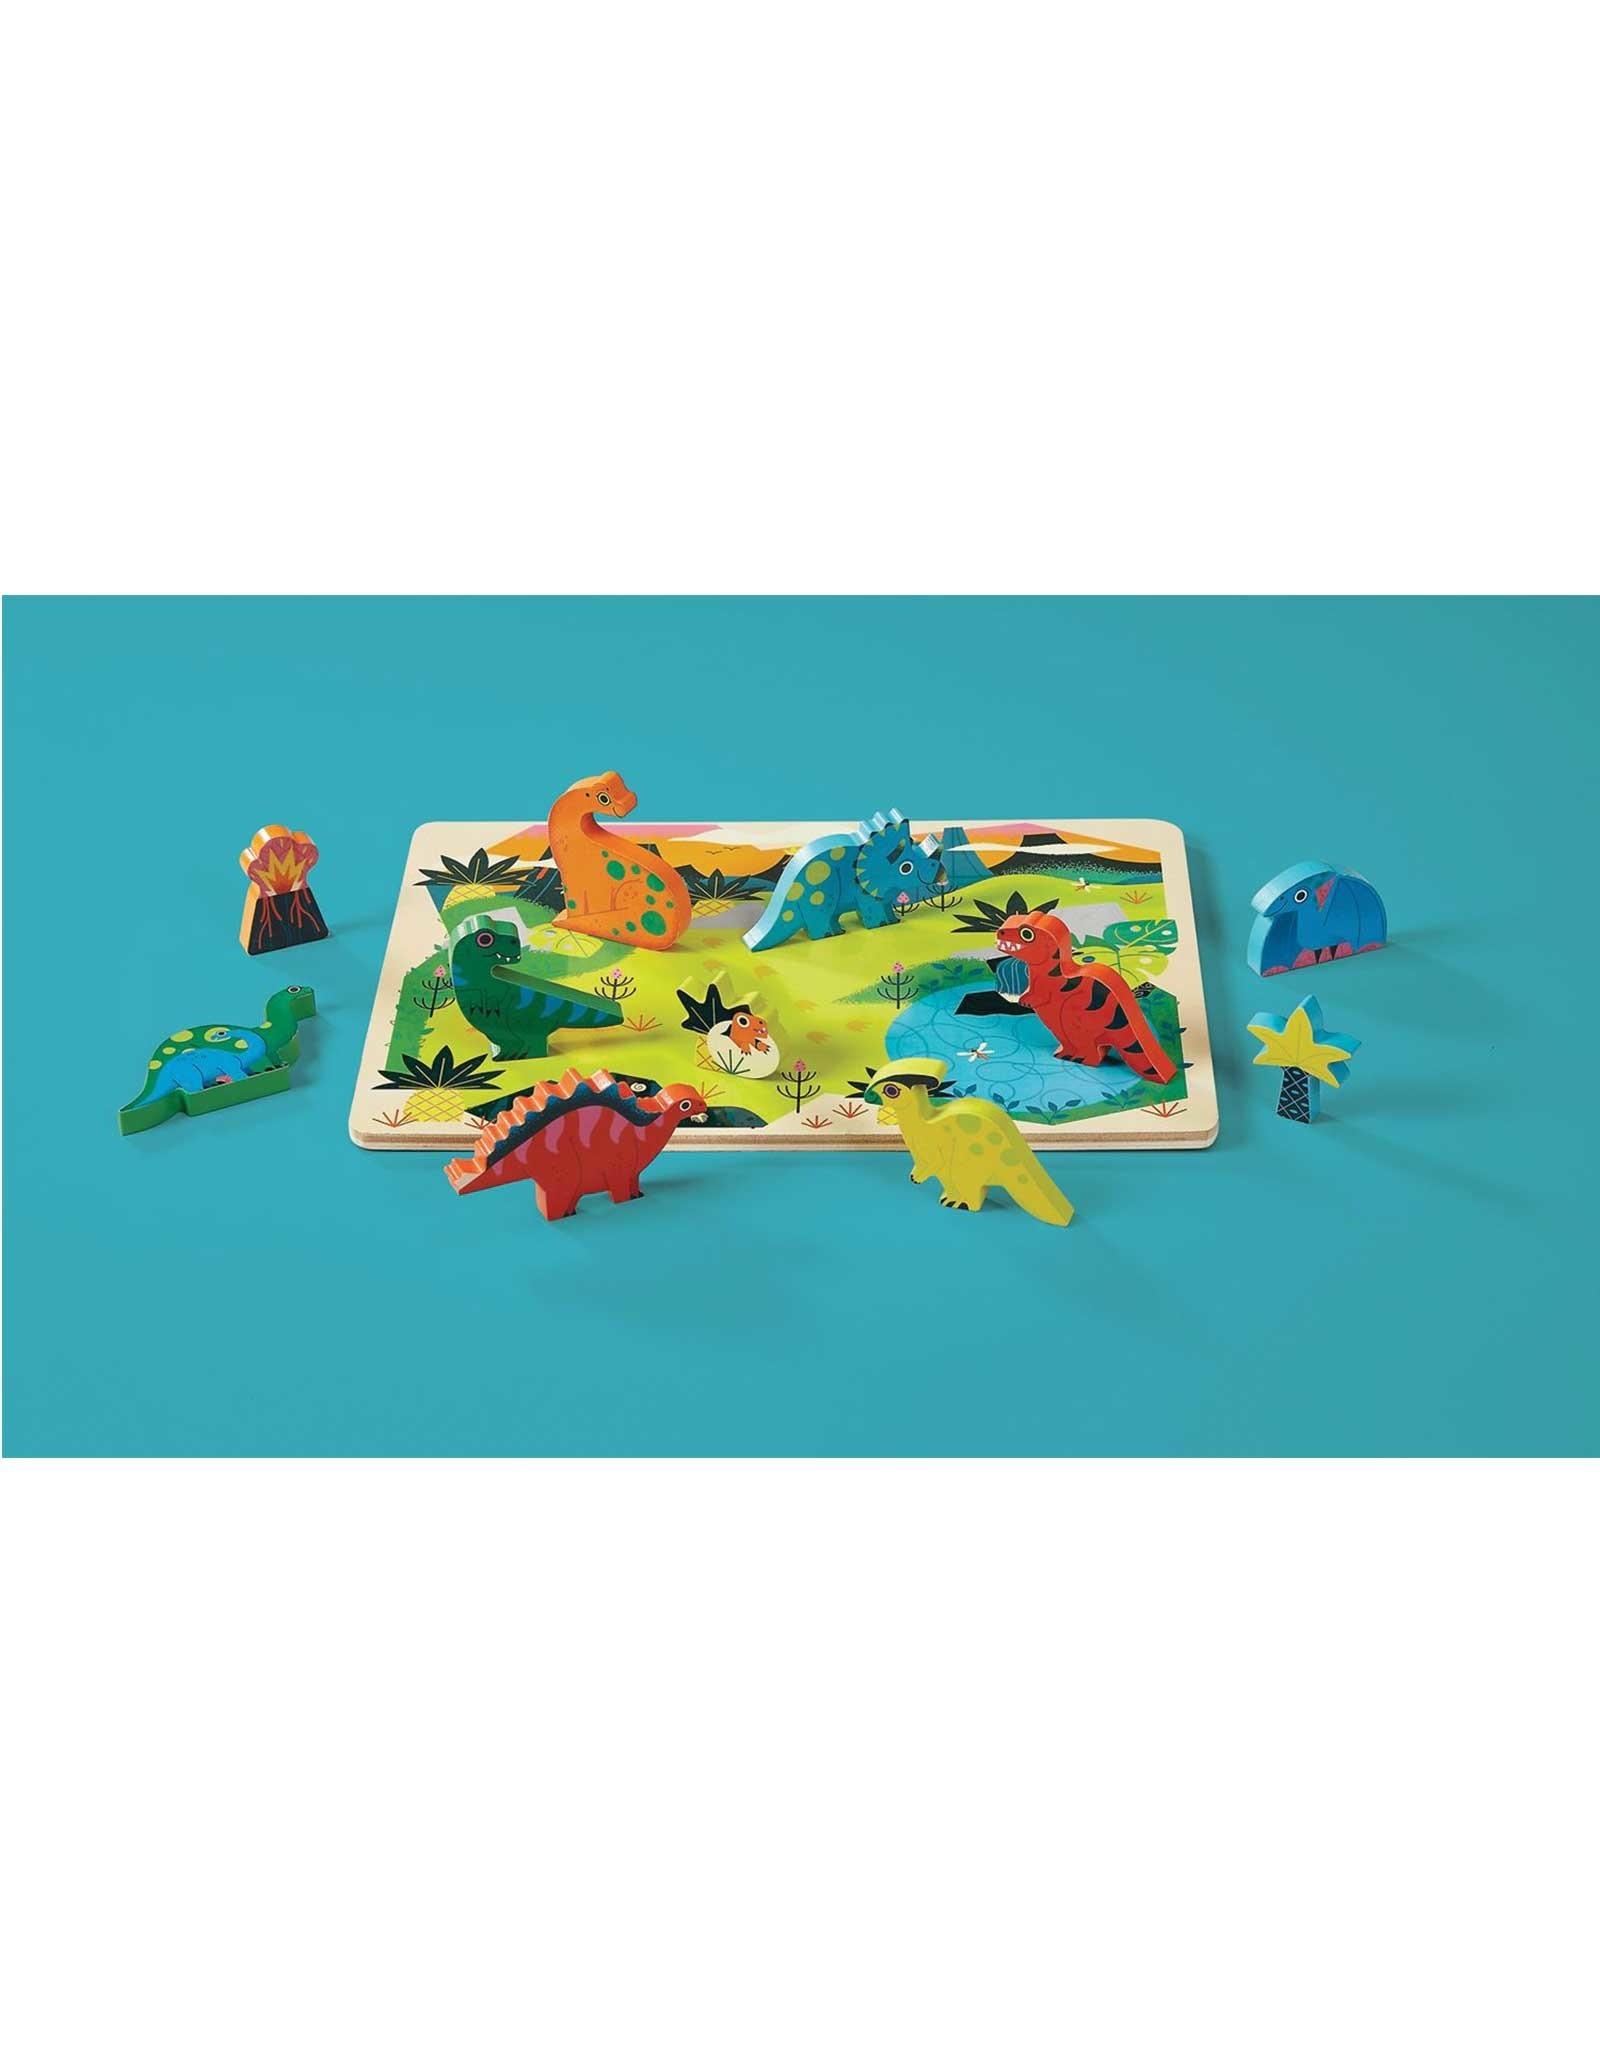 Crocodile Creek Wooden Puzzle - 16pieces - Dinosaur 2+